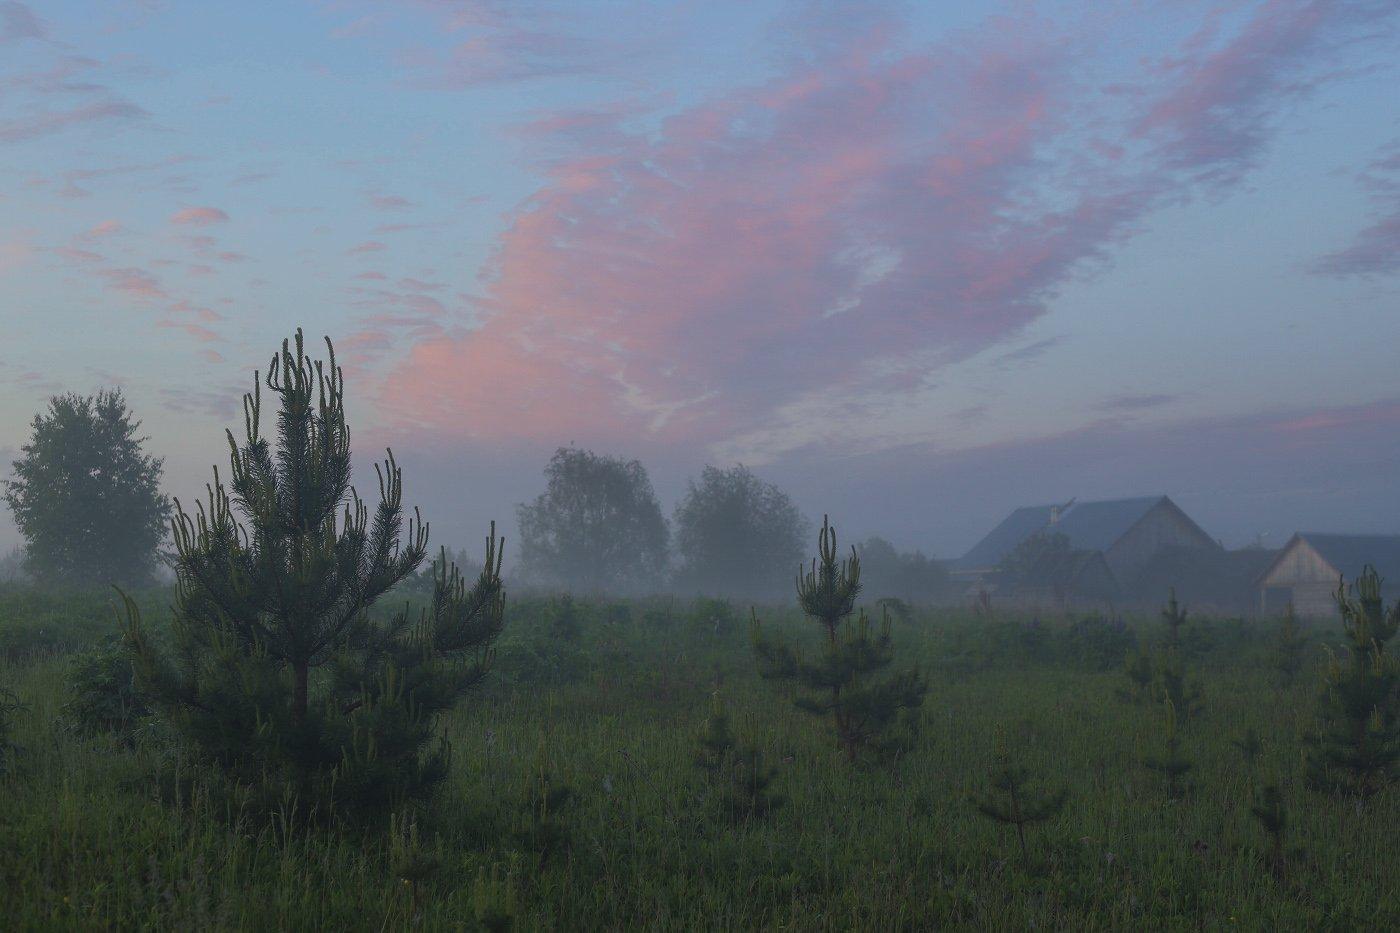 утро туман деревня поле сосенки, Дмитрий Алексеев